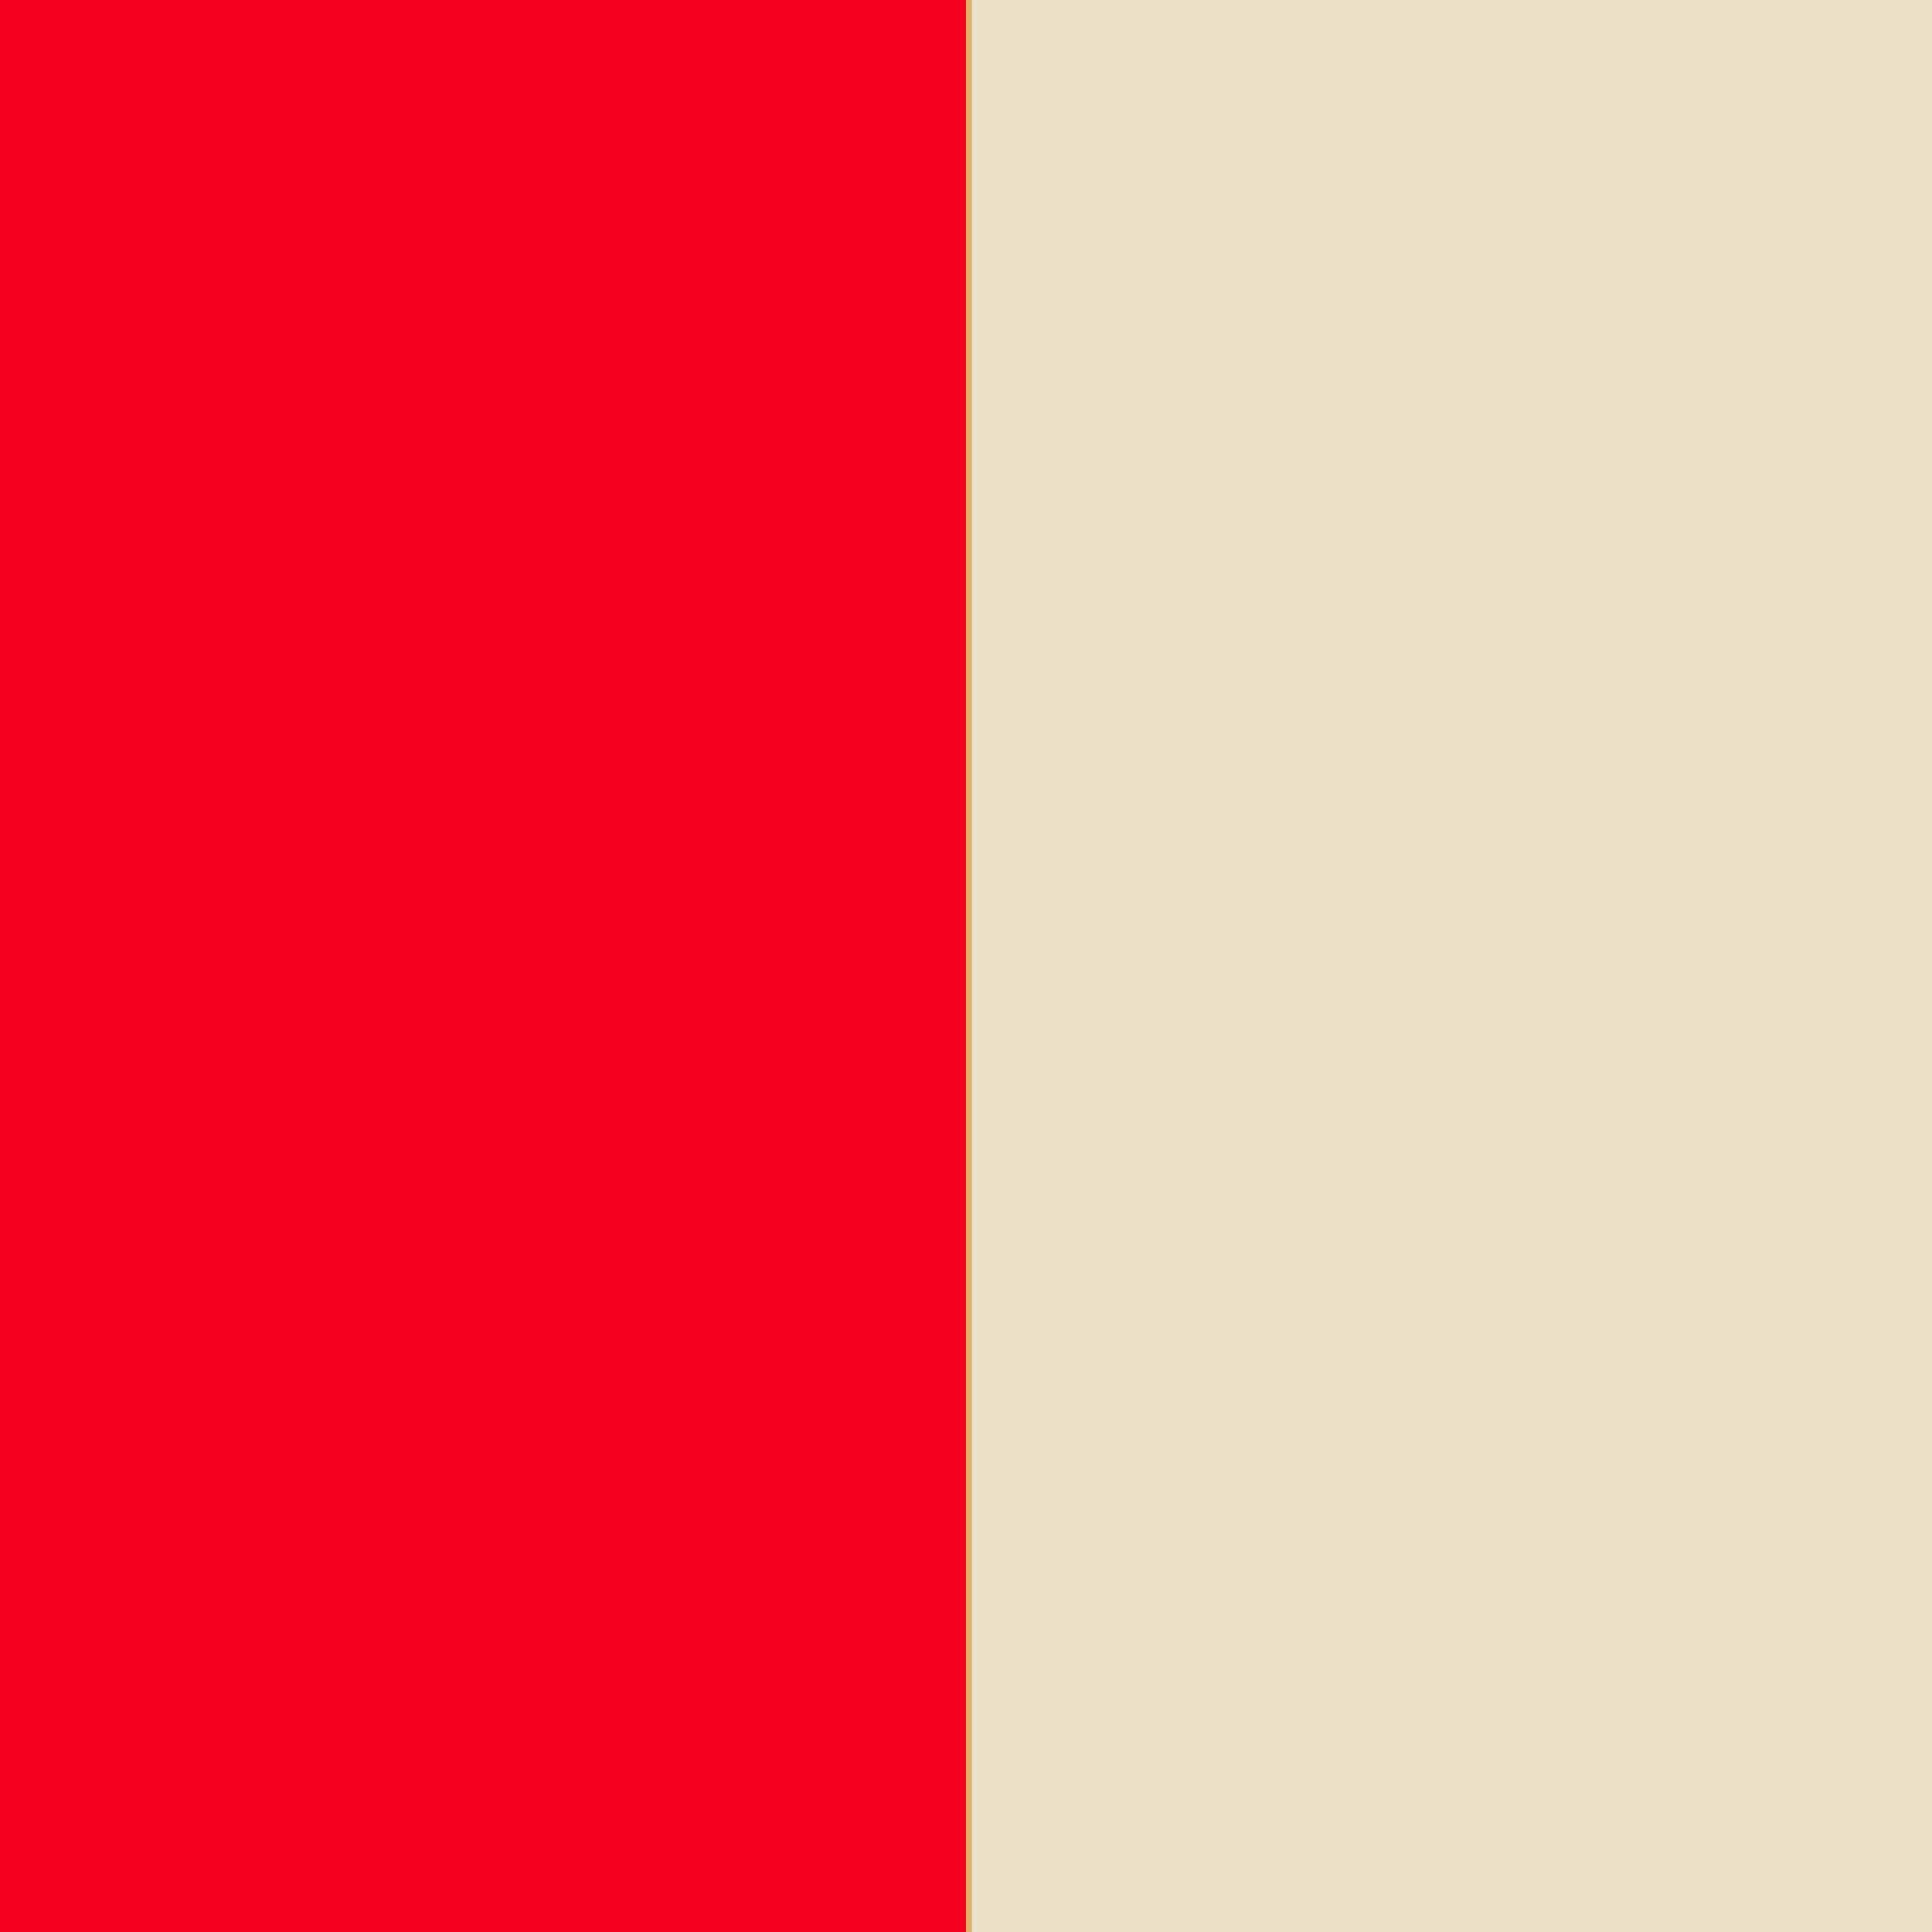 red+beige